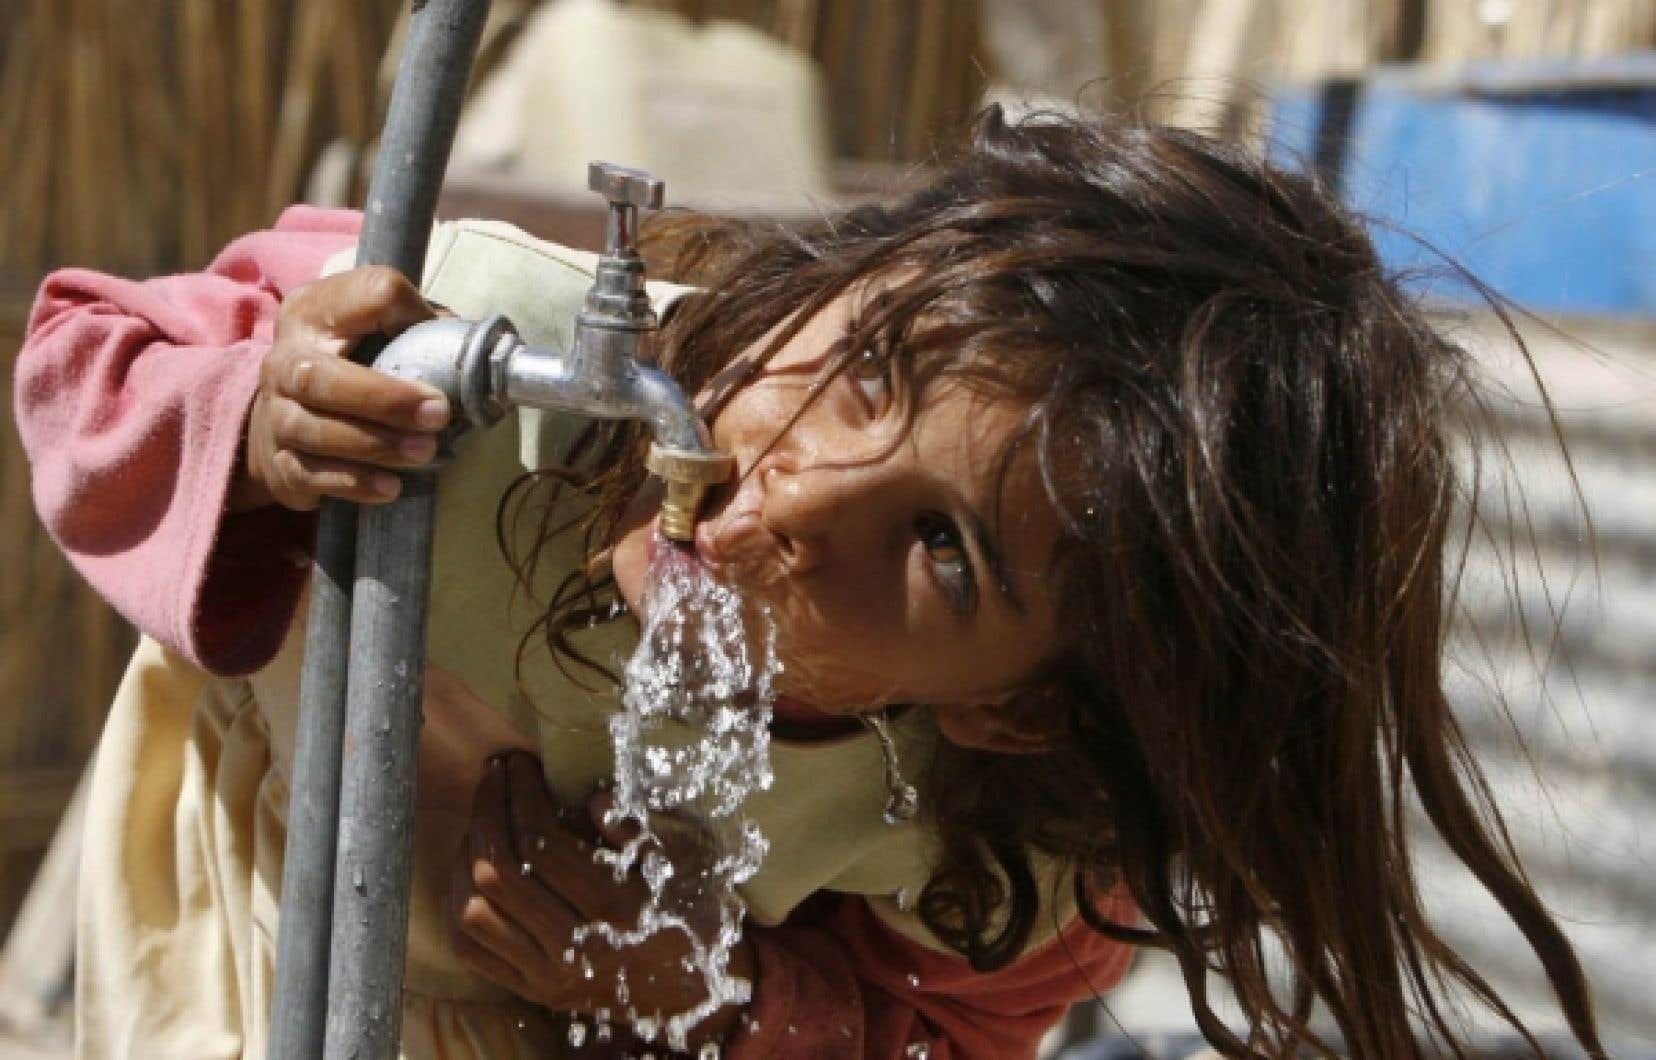 L'ONU cite l'approvisionnement en eau potable comme un des principaux défis que le monde, de plus en plus peuplé, devra relever.<br />